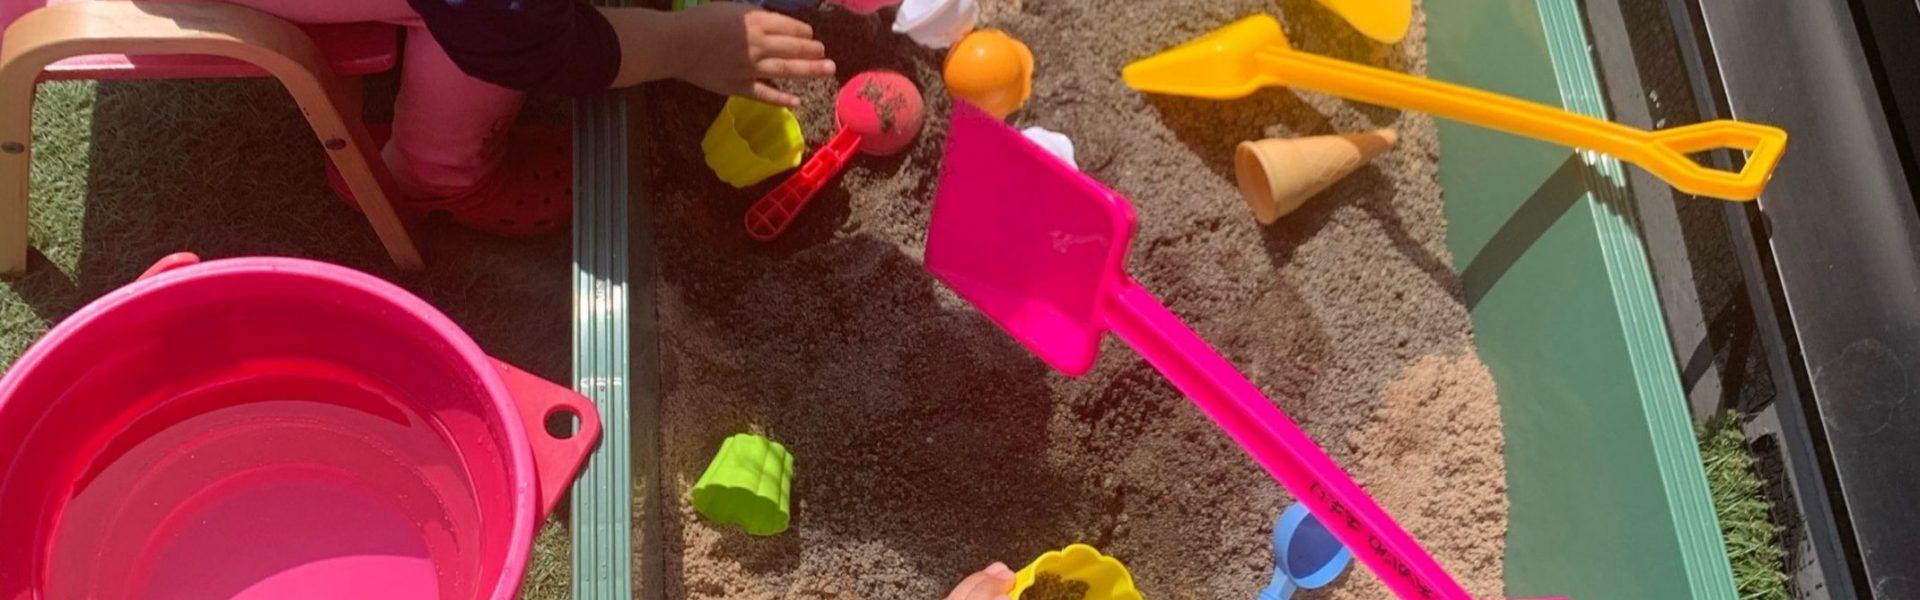 双子女子4歳(幼児の一人遊びお役だちグッズ&アイデア/手抜きグッズ ‐ 保育園休園時 幼い子供と一緒にテレワーク(砂場制作編)